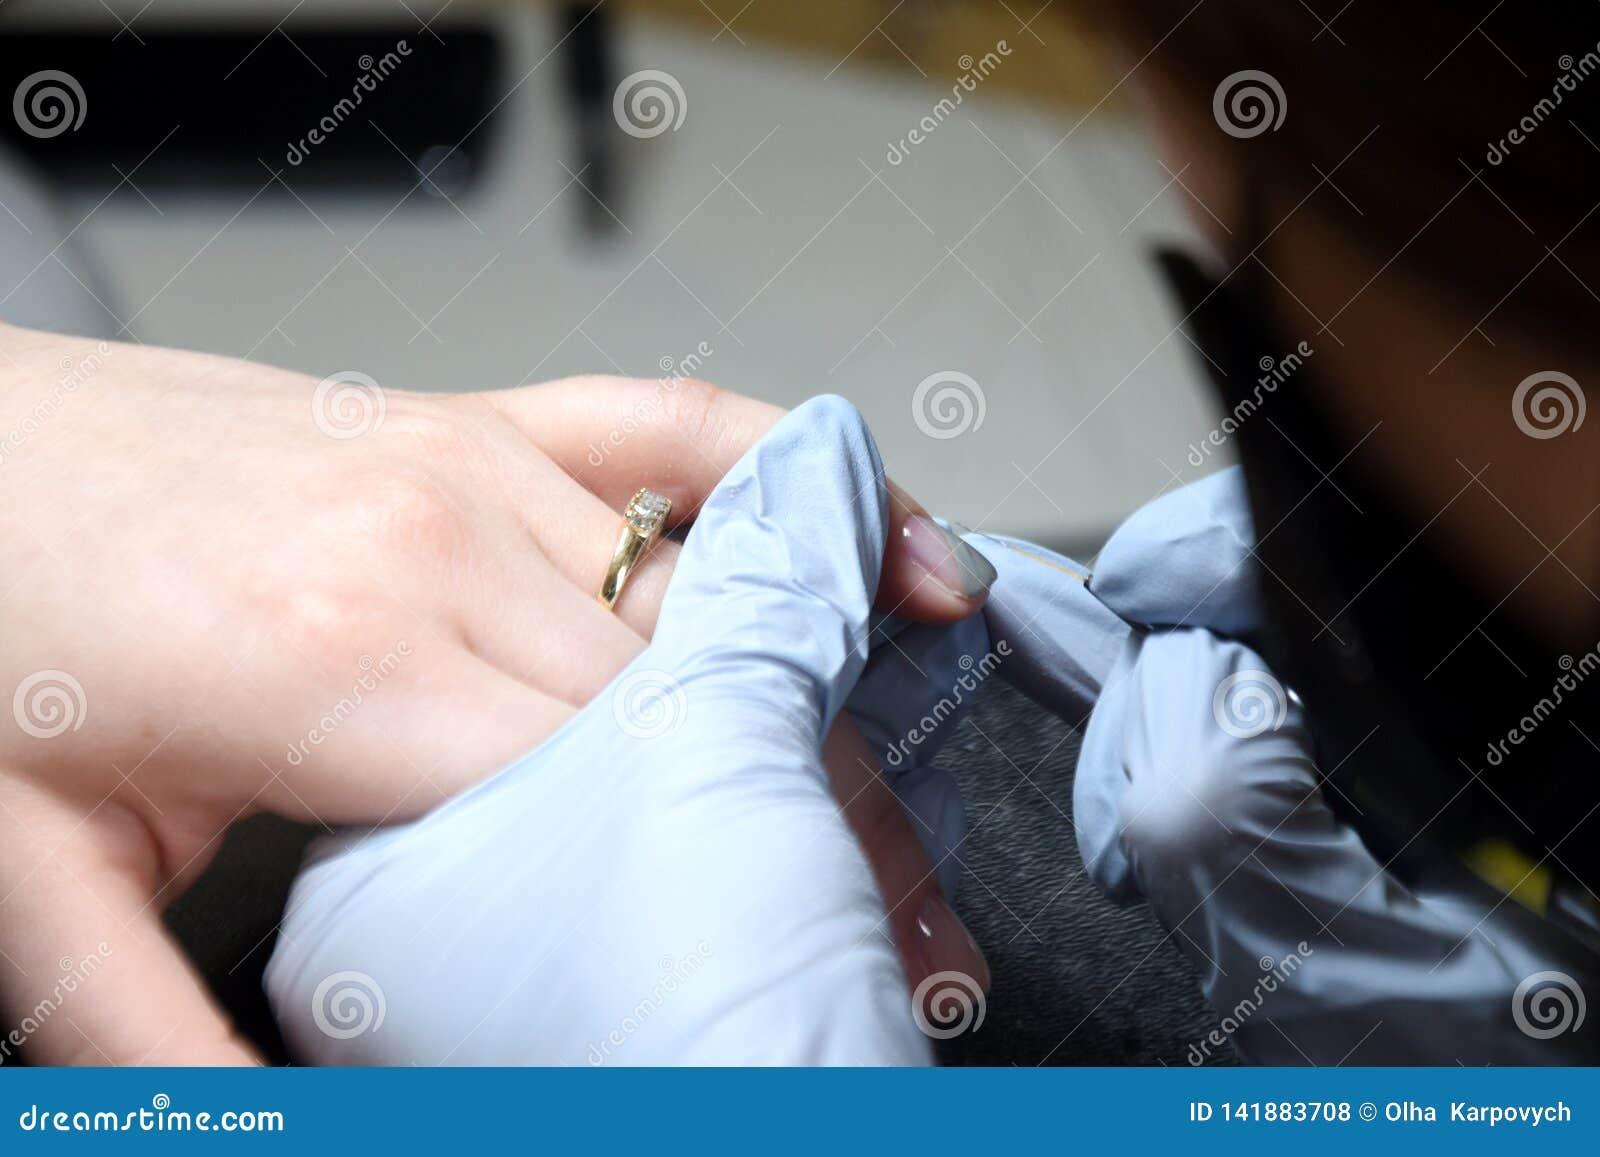 O mestre faz um tratamento de mãos Dia de relaxamento no salão de beleza O mestre do manicuro faz o tratamento de mãos na mão do